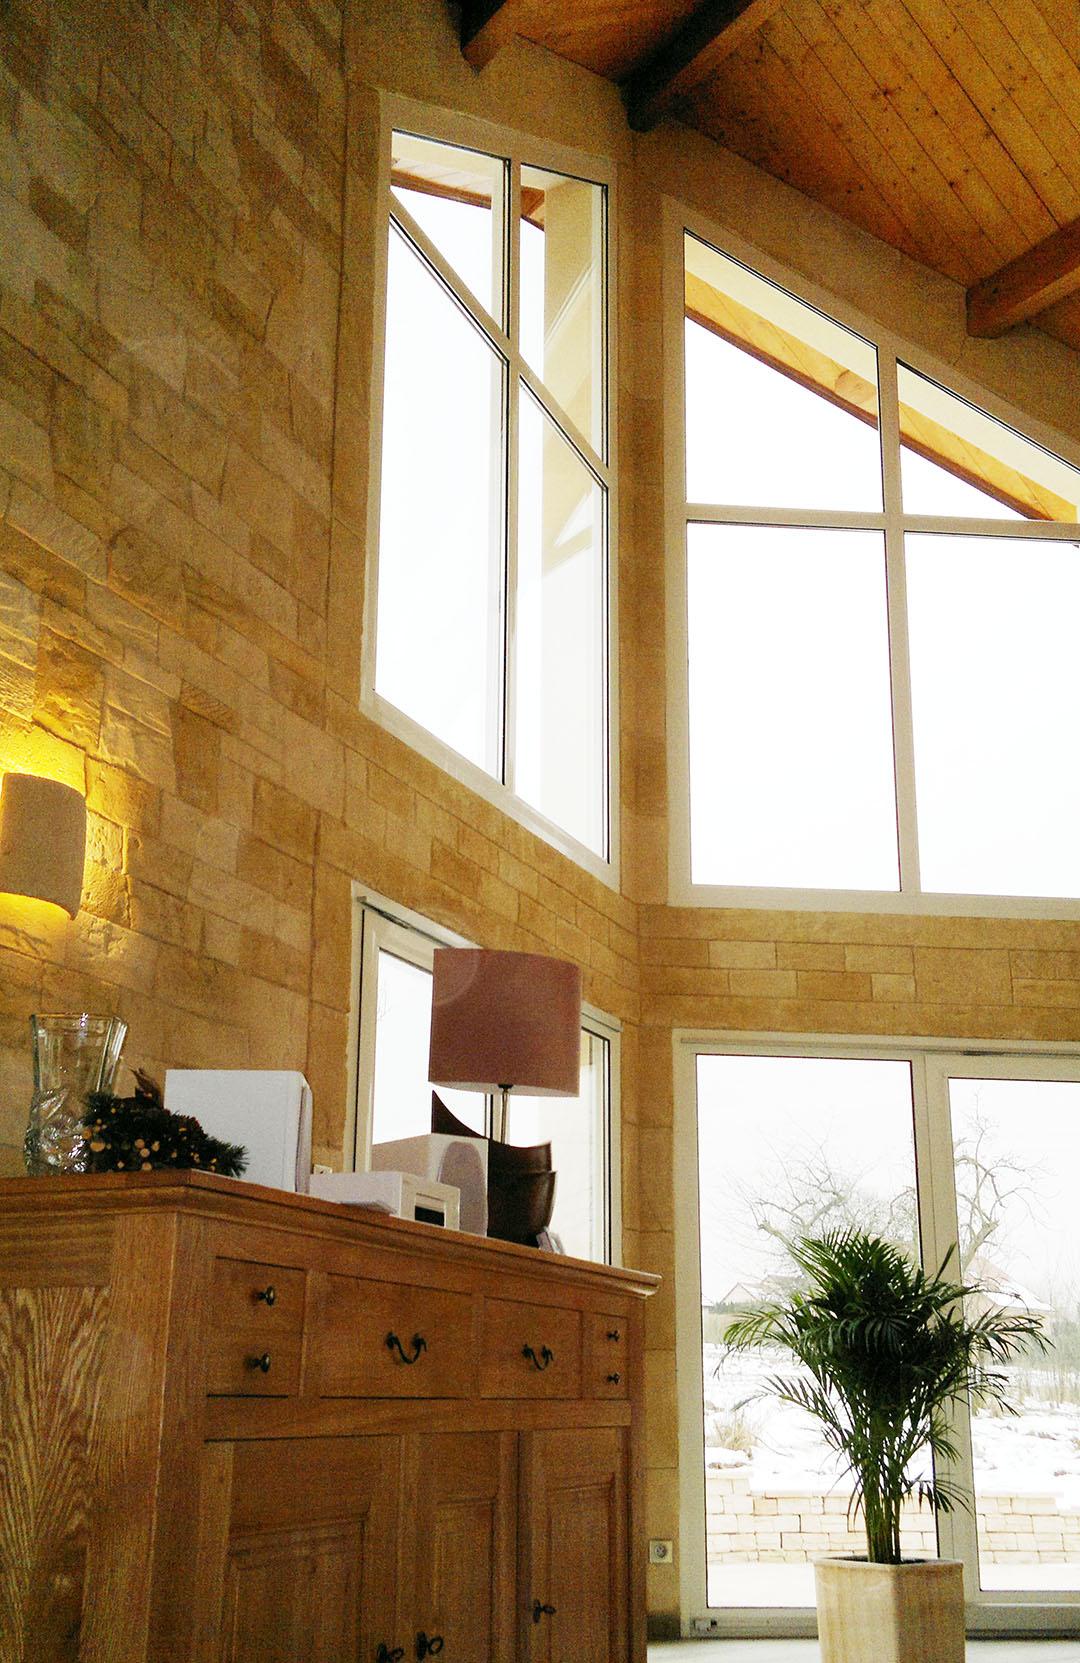 décoration intérieur avec pierre de parement sans joints dans unee véranda